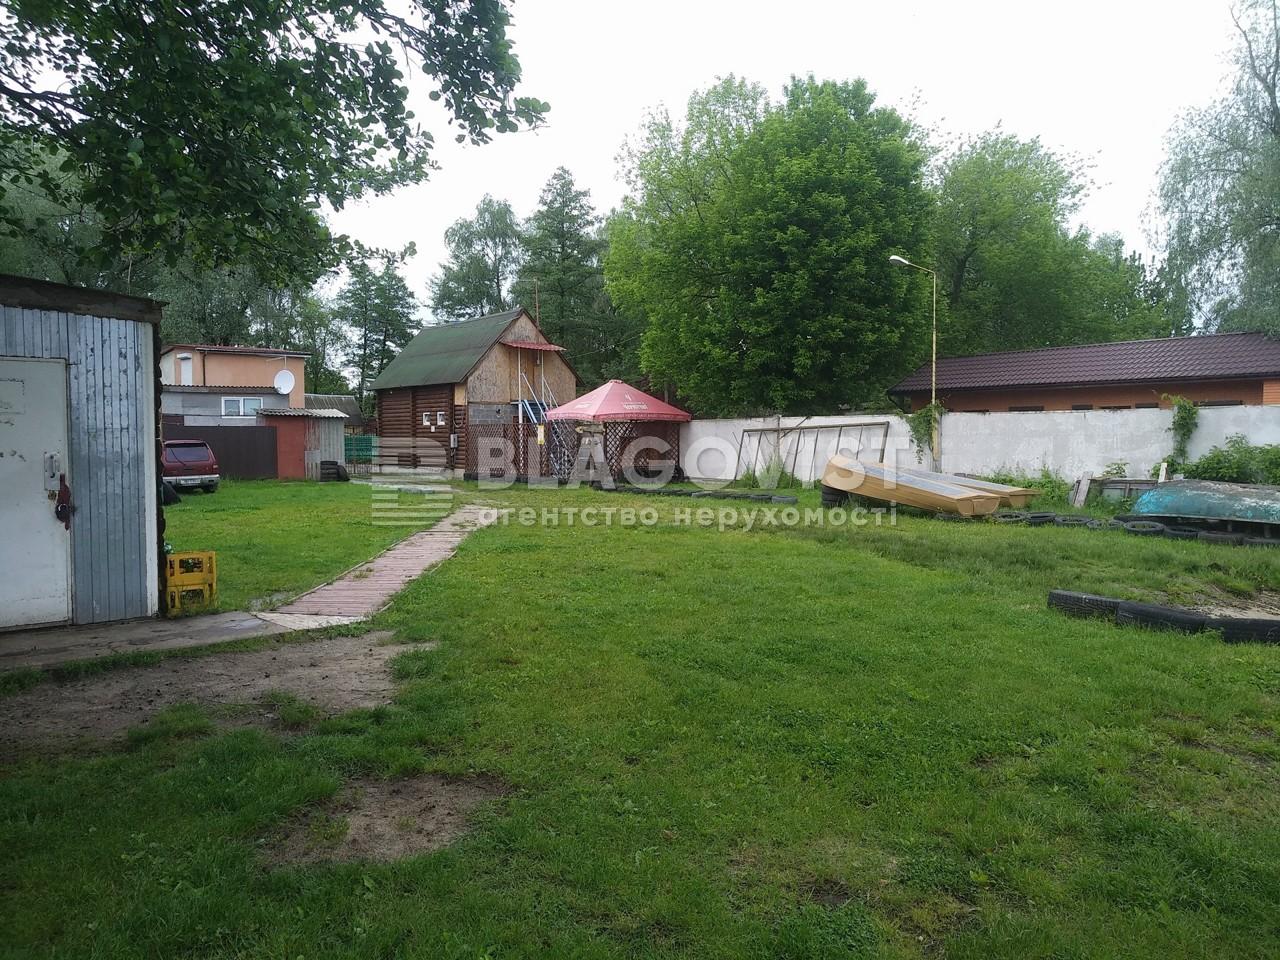 Земельный участок P-28173, Кийлов - Фото 1